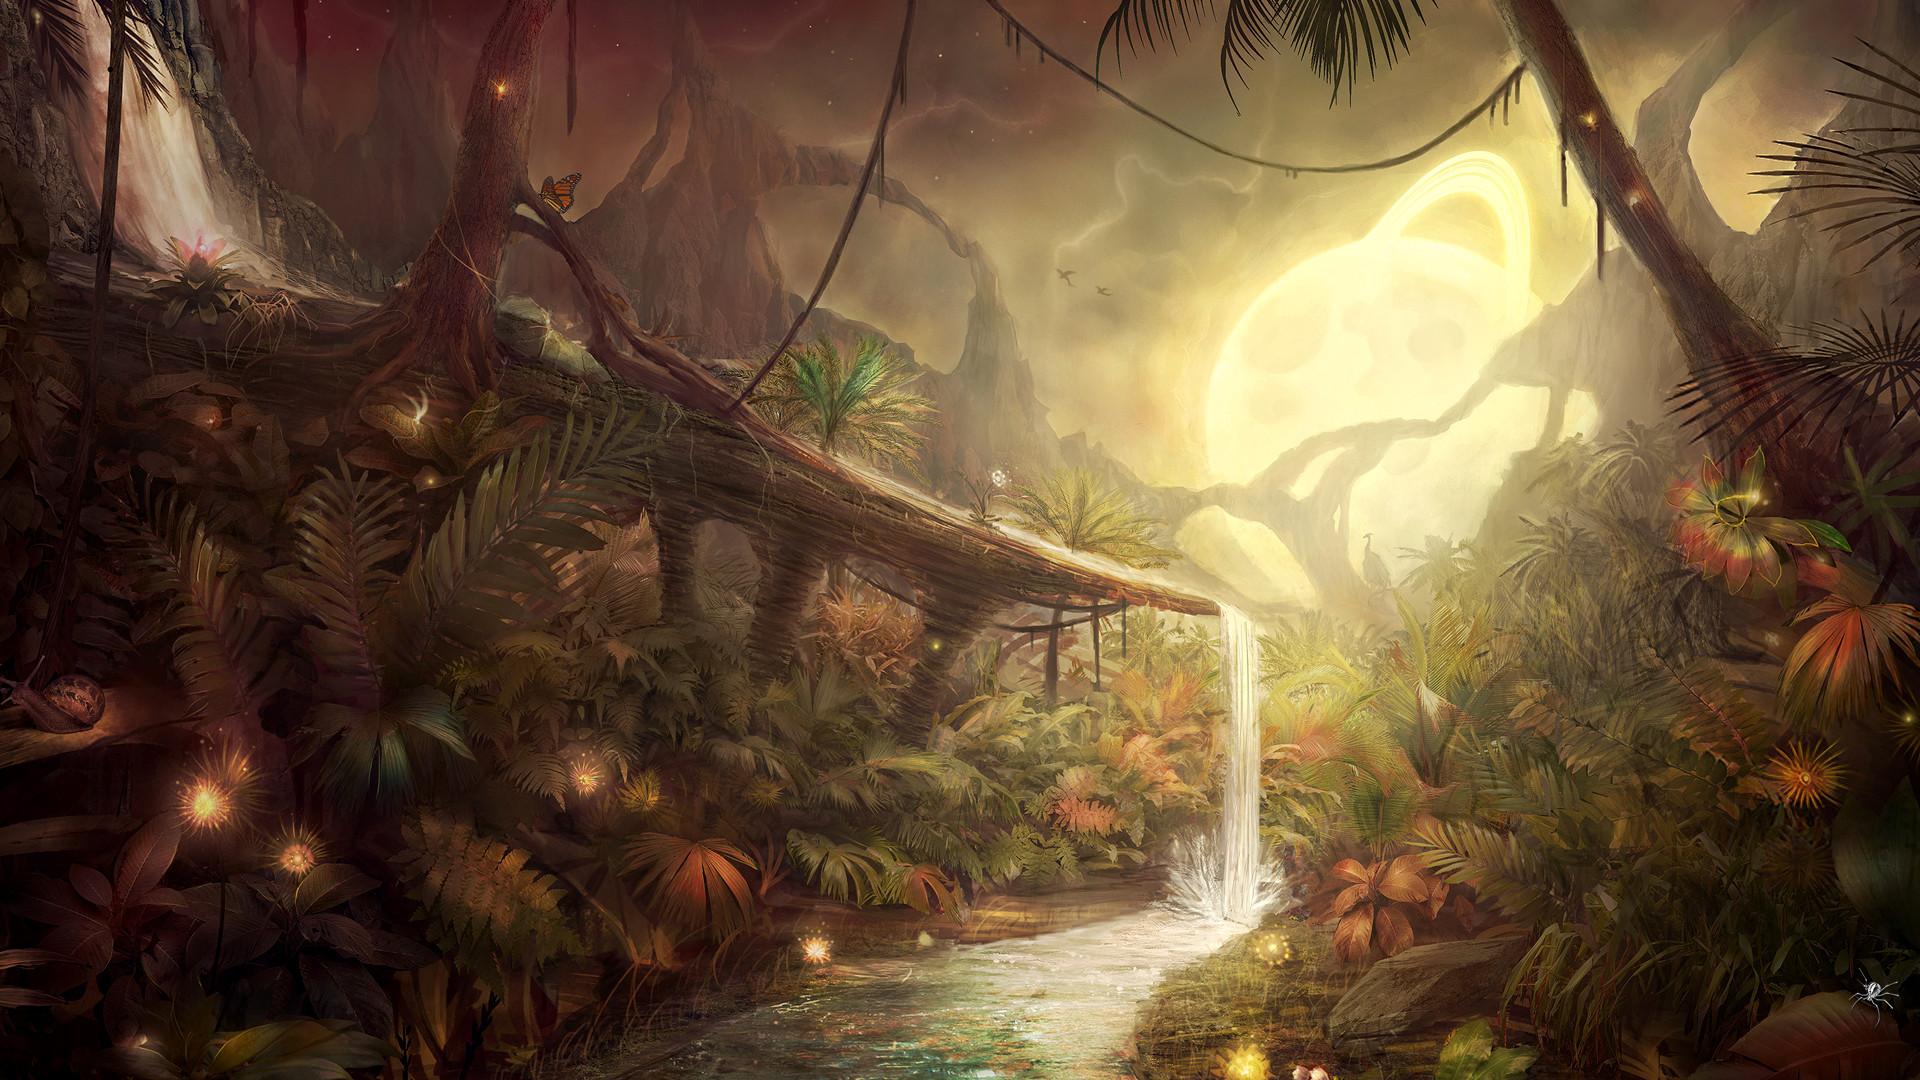 Uhd Fantasy Wallpaper · Fantasy Wallpaper In Hd